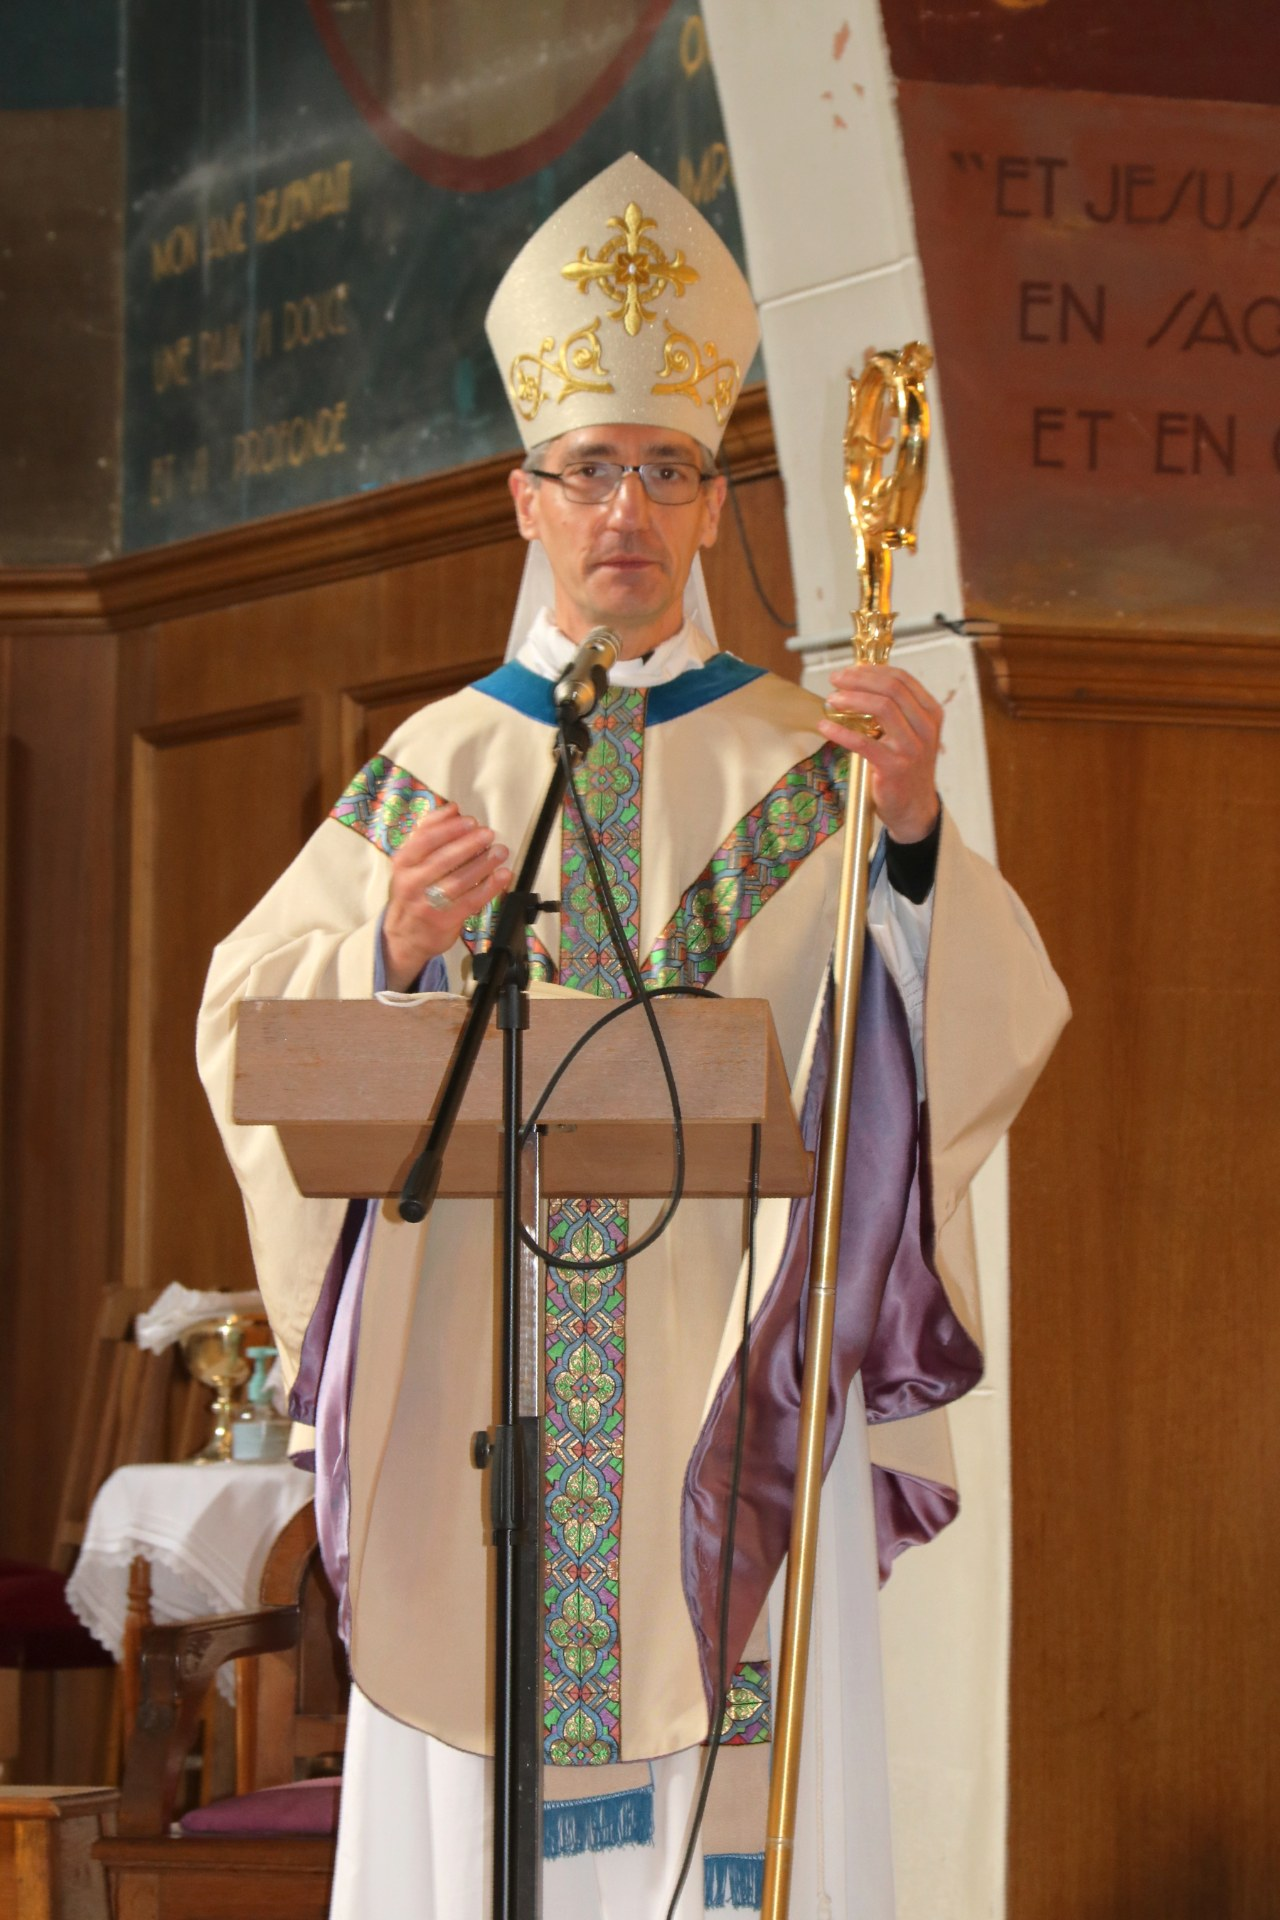 2010 - Messe présidée par Mgr DOLLMANN 69